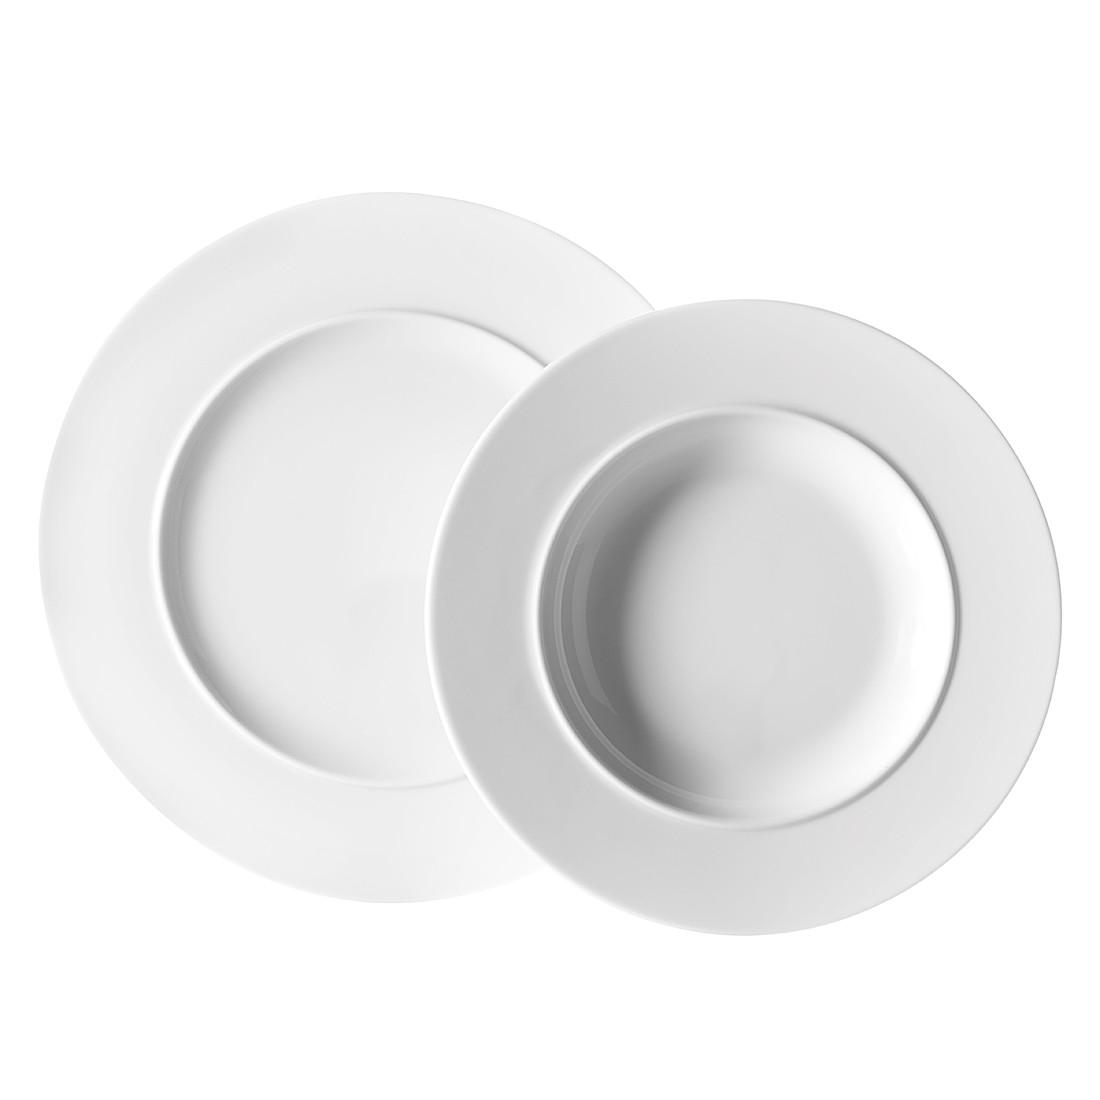 Tafelservice (8- teilig) Space – Porzellan/Weiss, Mäser kaufen